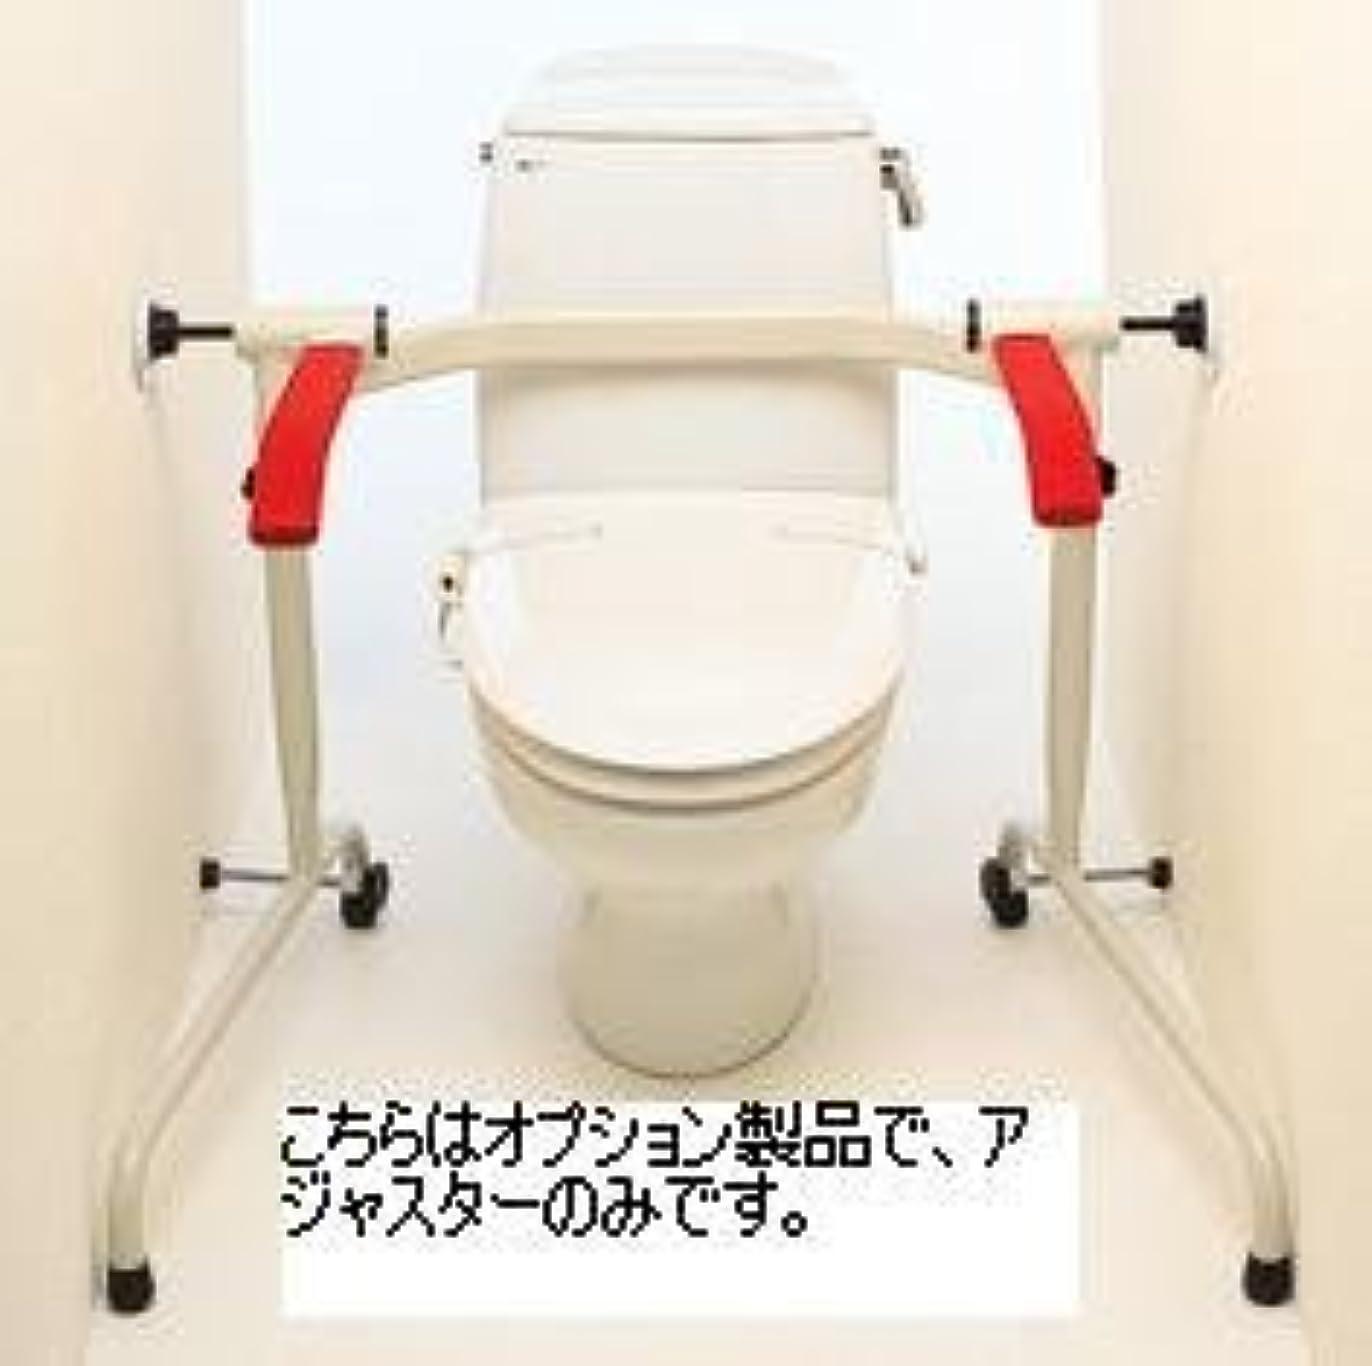 幾分裁定できればラックヘルスケア トイレサポートフレックス用アジャスター